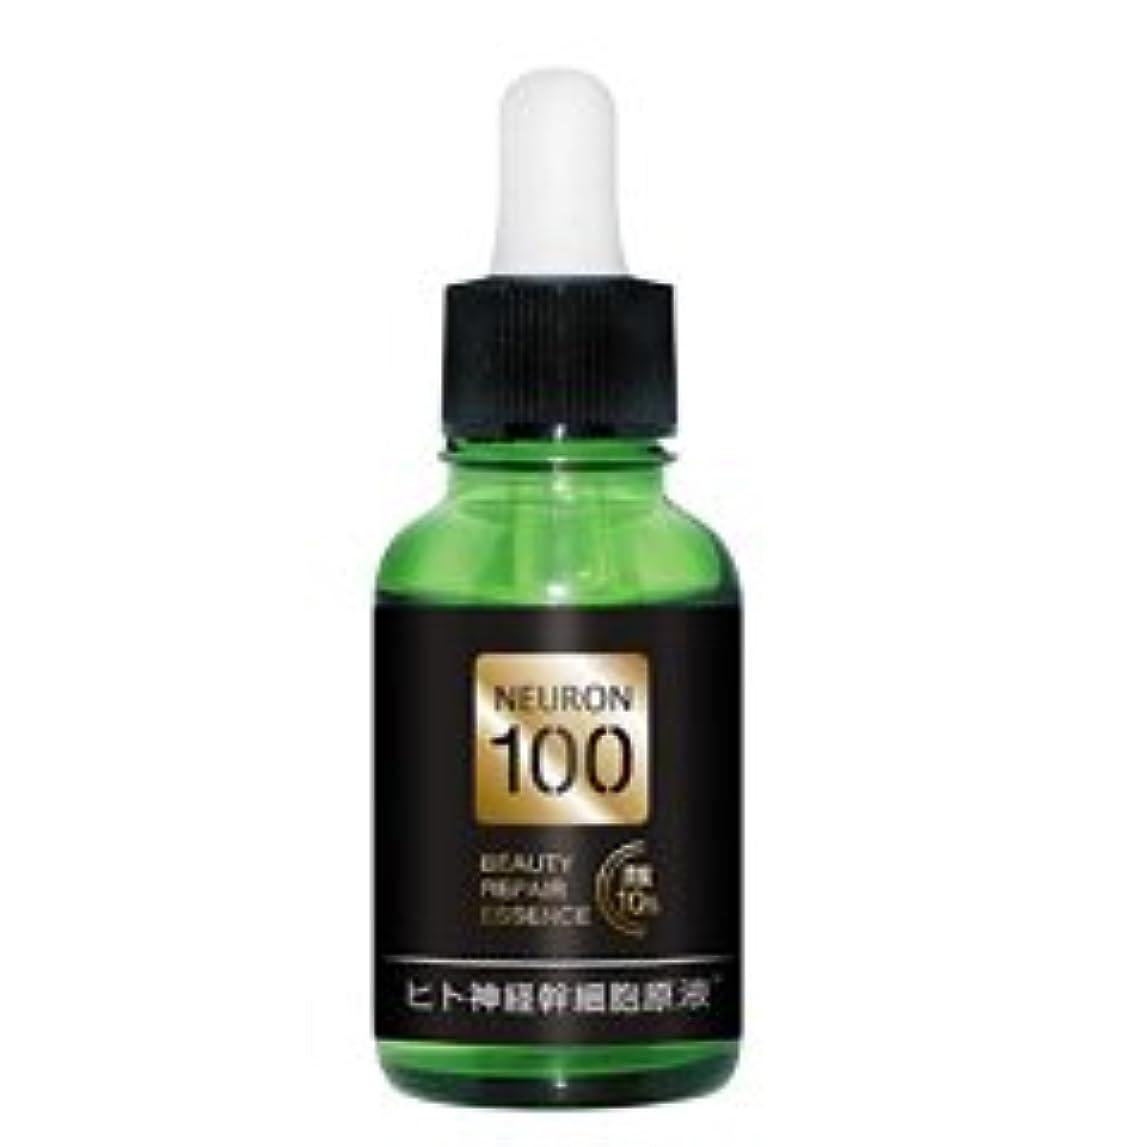 ワット摂動モザイク【濃度10%】 ニューロン100 NEURON100 ヒト由来神経幹細胞培養液 サロン仕様品 ギフトにも最適 美容液 30ml